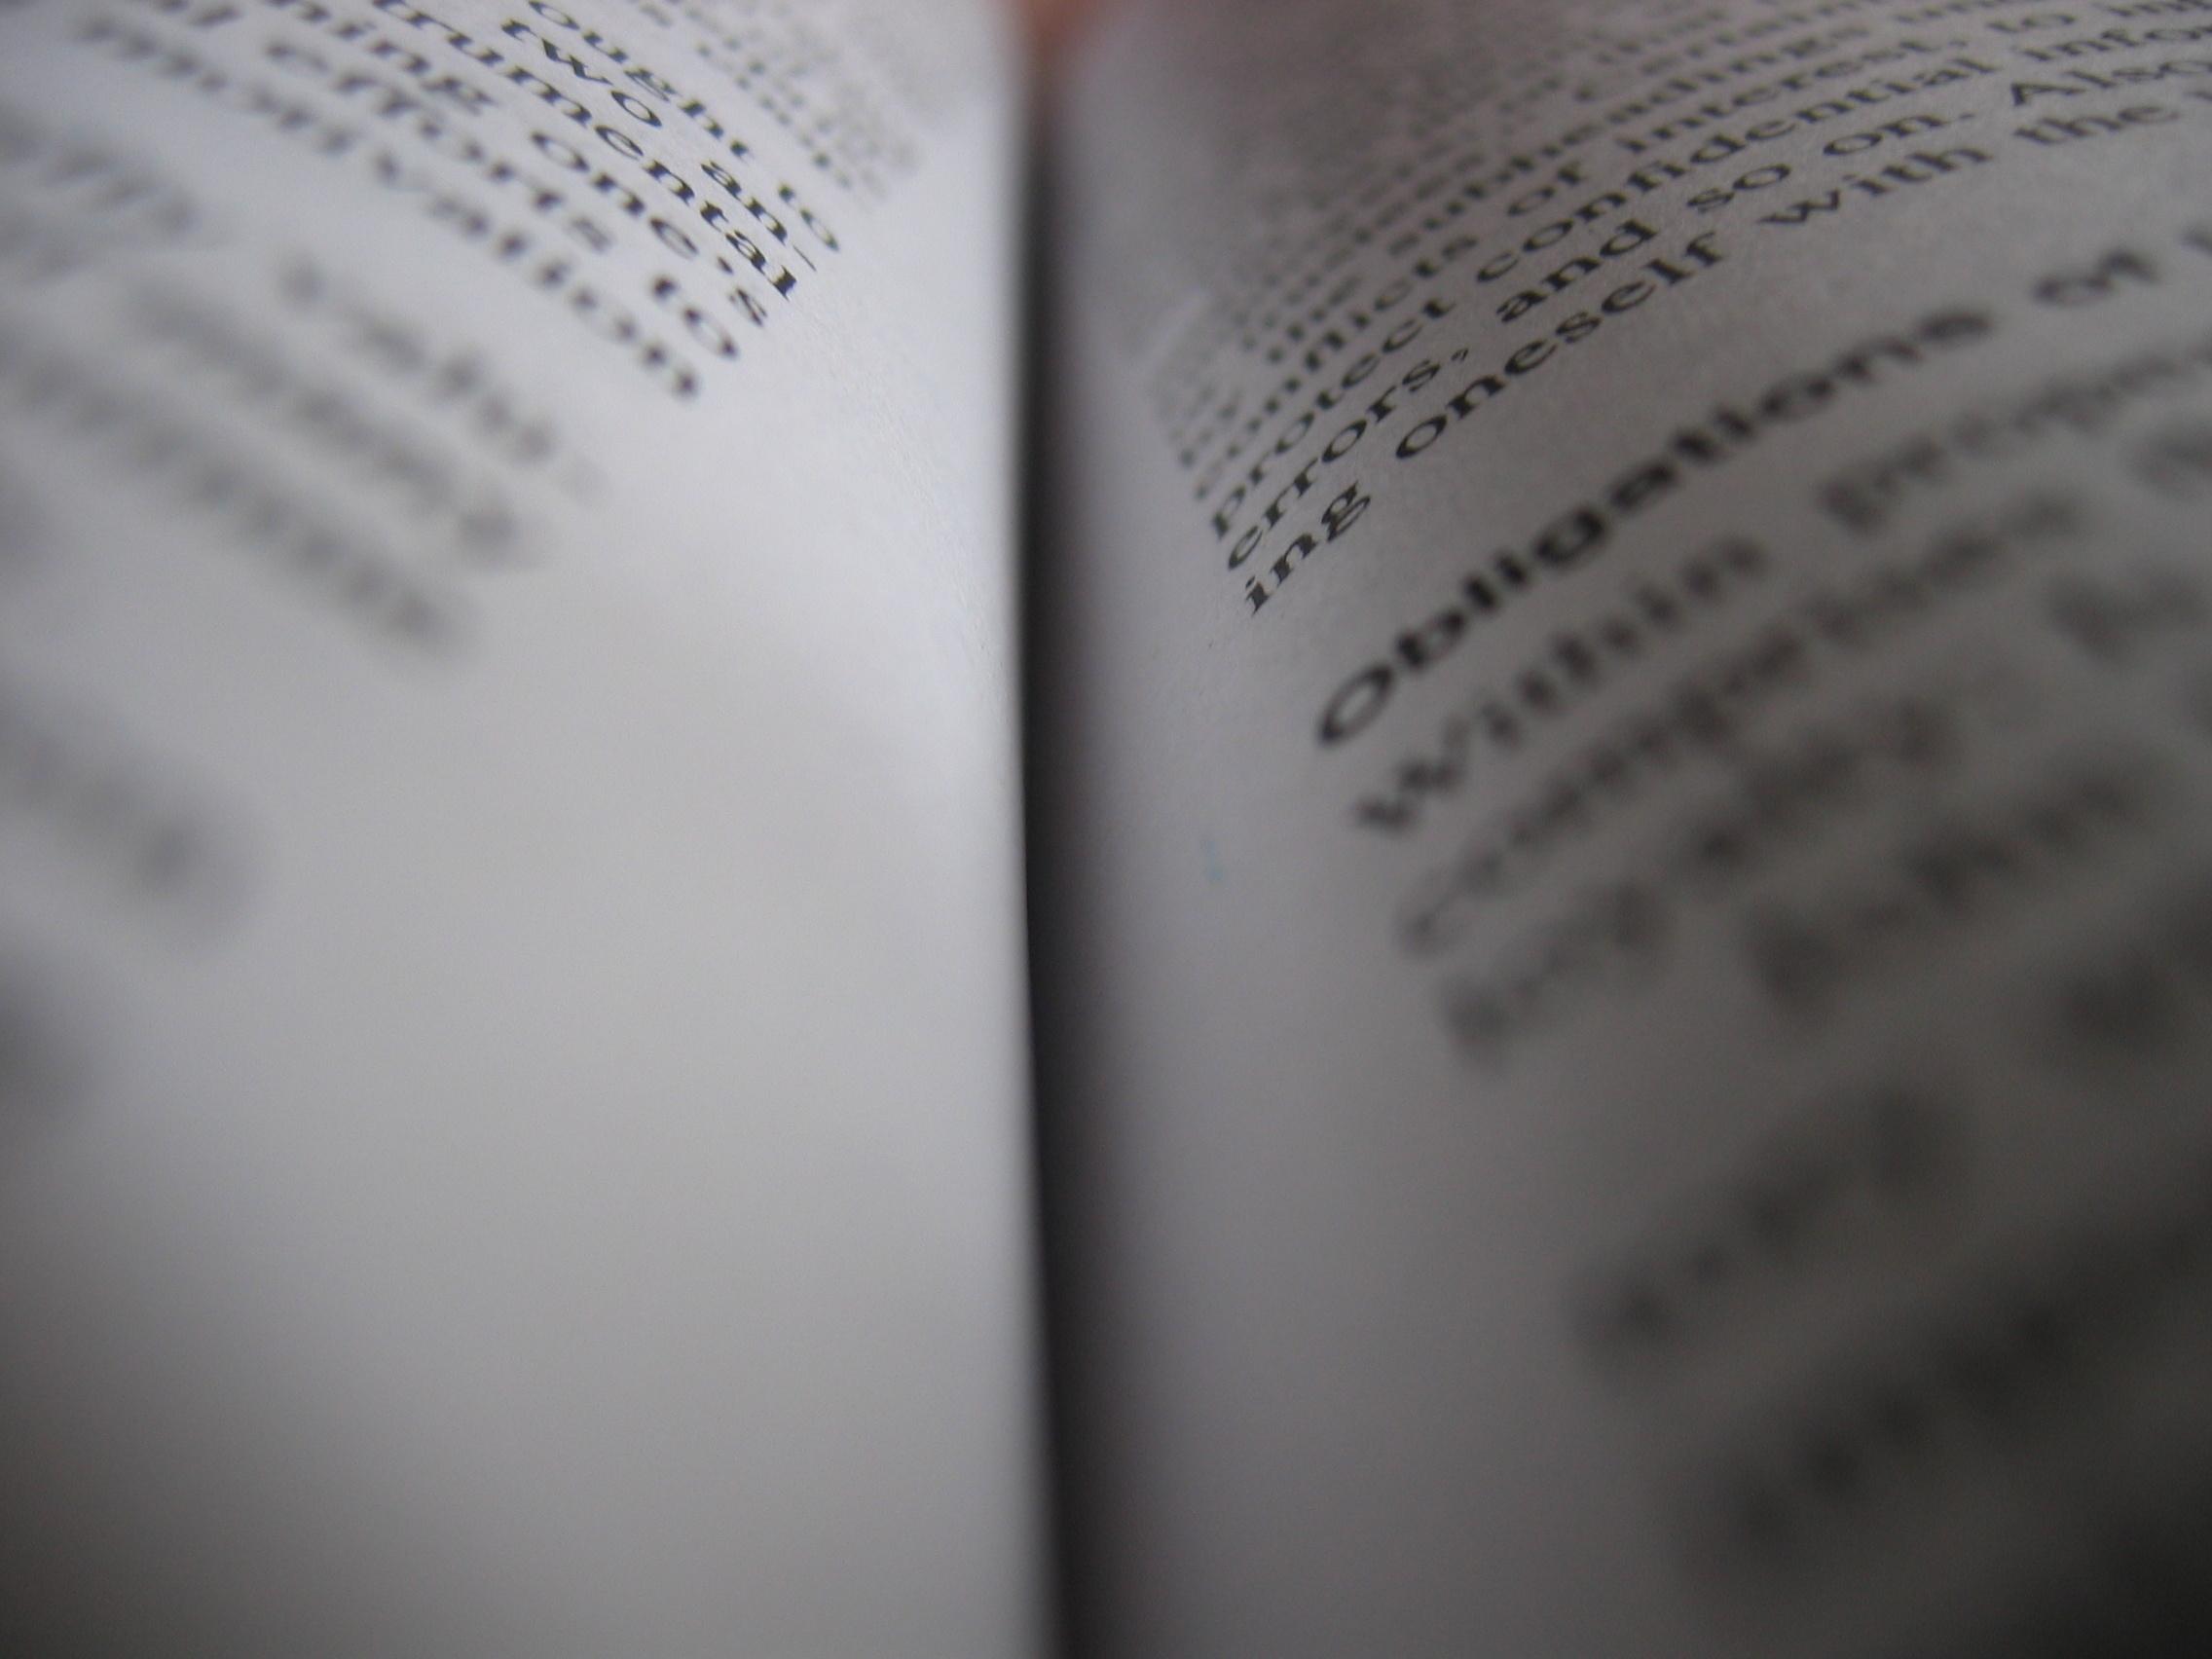 Musenküsse Fehlanzeige. Oder Welchen Text schreib ich, wenn mir kein Text einfällt - © blaQ - Fotolia.com